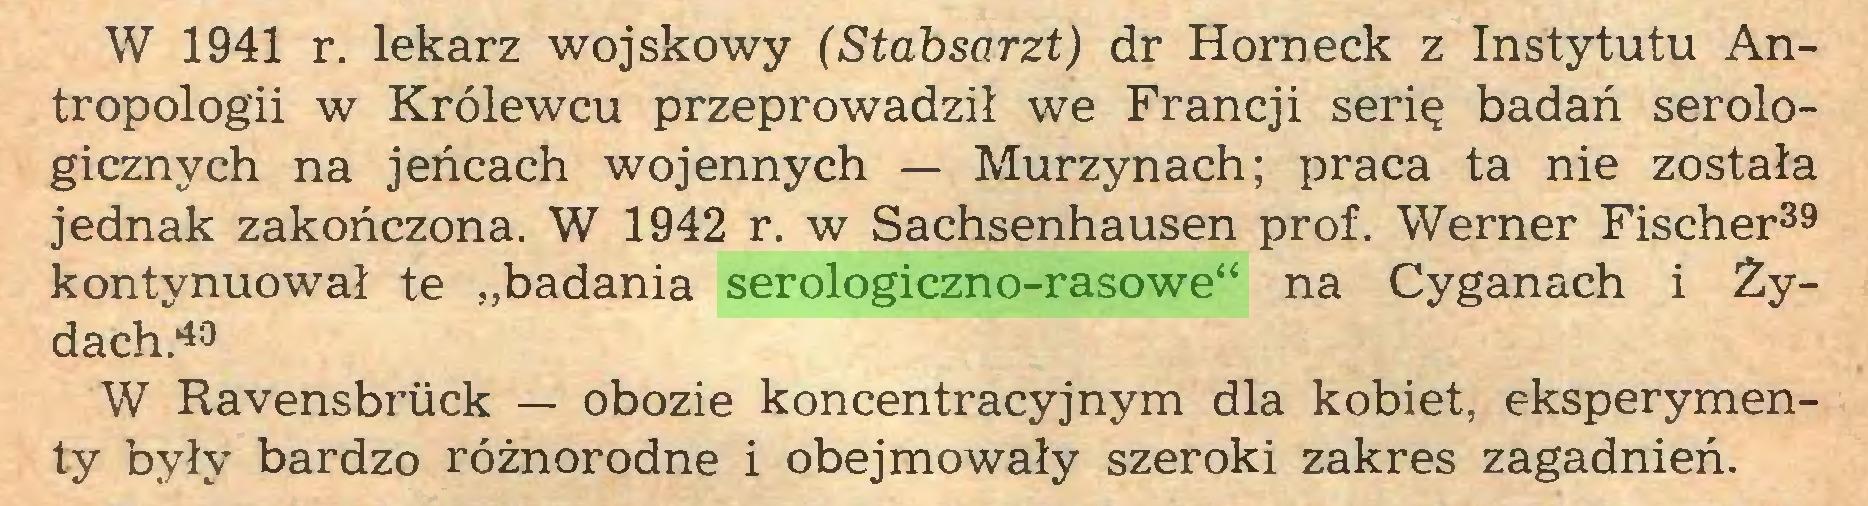 """(...) W 1941 r. lekarz wojskowy (Stabsarzt) dr Horneck z Instytutu Antropologii w Królewcu przeprowadził we Francji serię badań serologicznych na jeńcach wojennych — Murzynach; praca ta nie została jednak zakończona. W 1942 r. w Sachsenhausen prof. Werner Fischer39 40 kontynuował te """"badania serologiczno-rasowe"""" na Cyganach i Ży¬ dach.43 W Ravensbrück — obozie koncentracyjnym dla kobiet, eksperymenty były bardzo różnorodne i obejmowały szeroki zakres zagadnień..."""